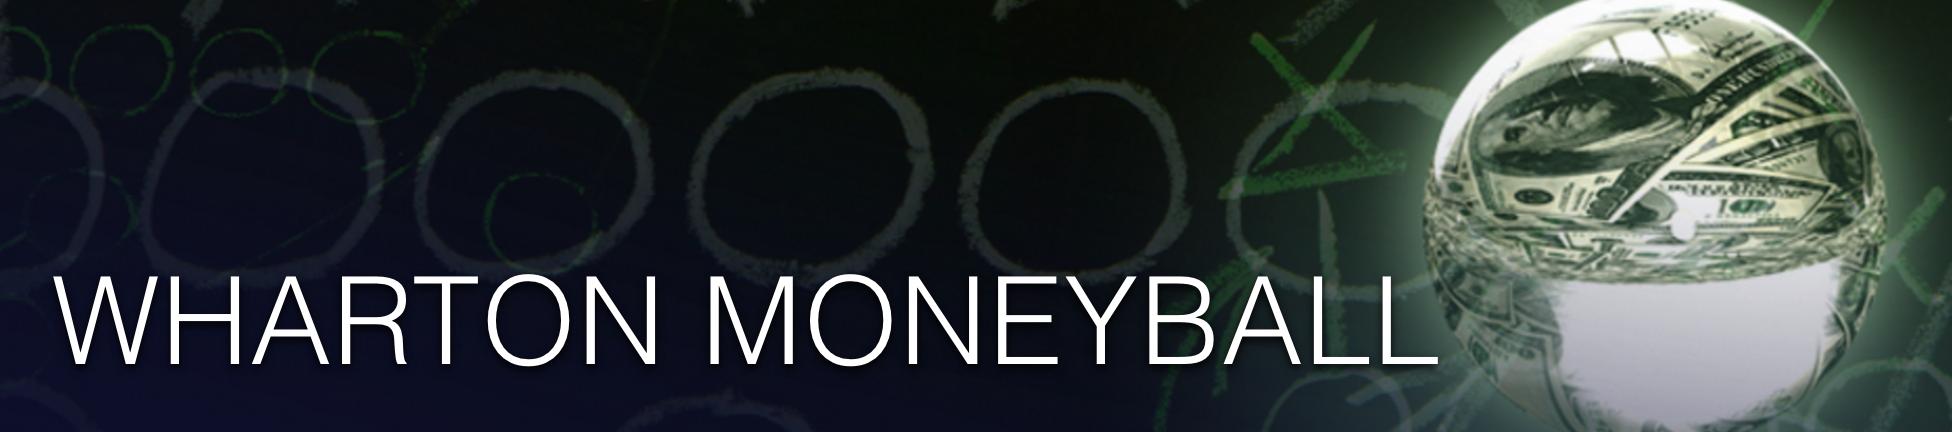 wharton-moneyball